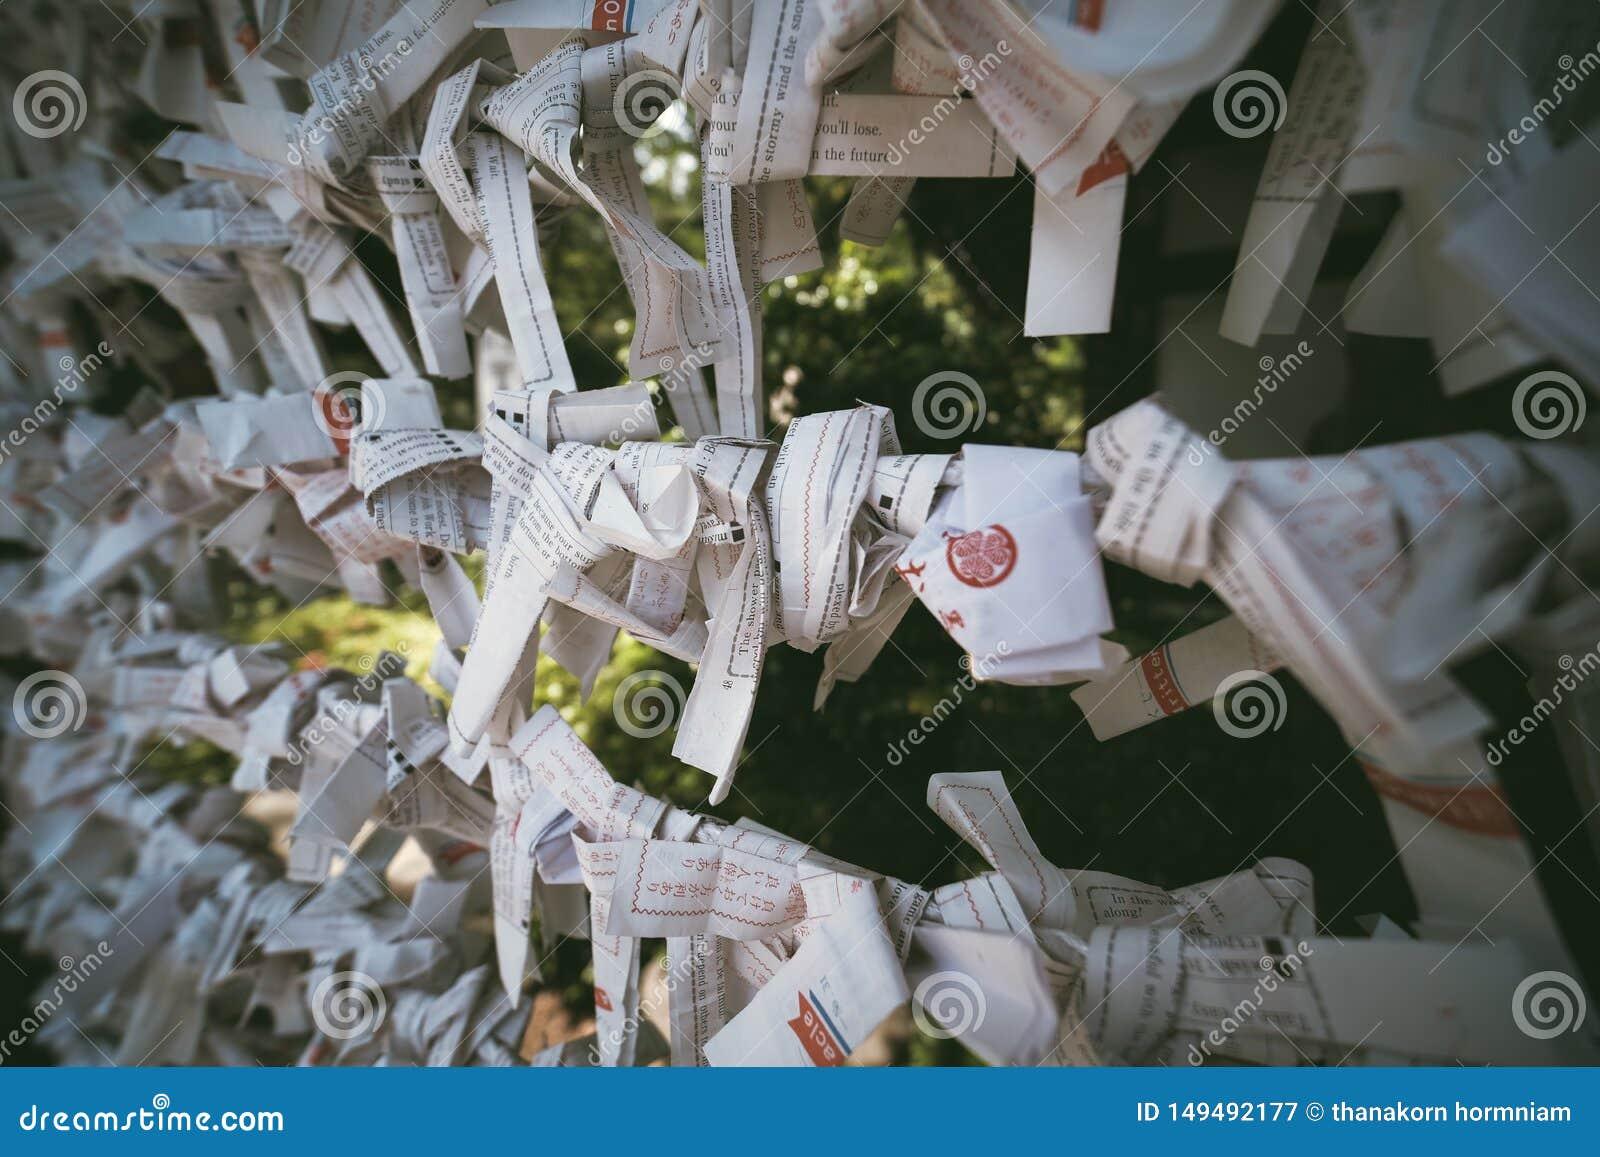 Papper för att välsigna i den Zojoji templet